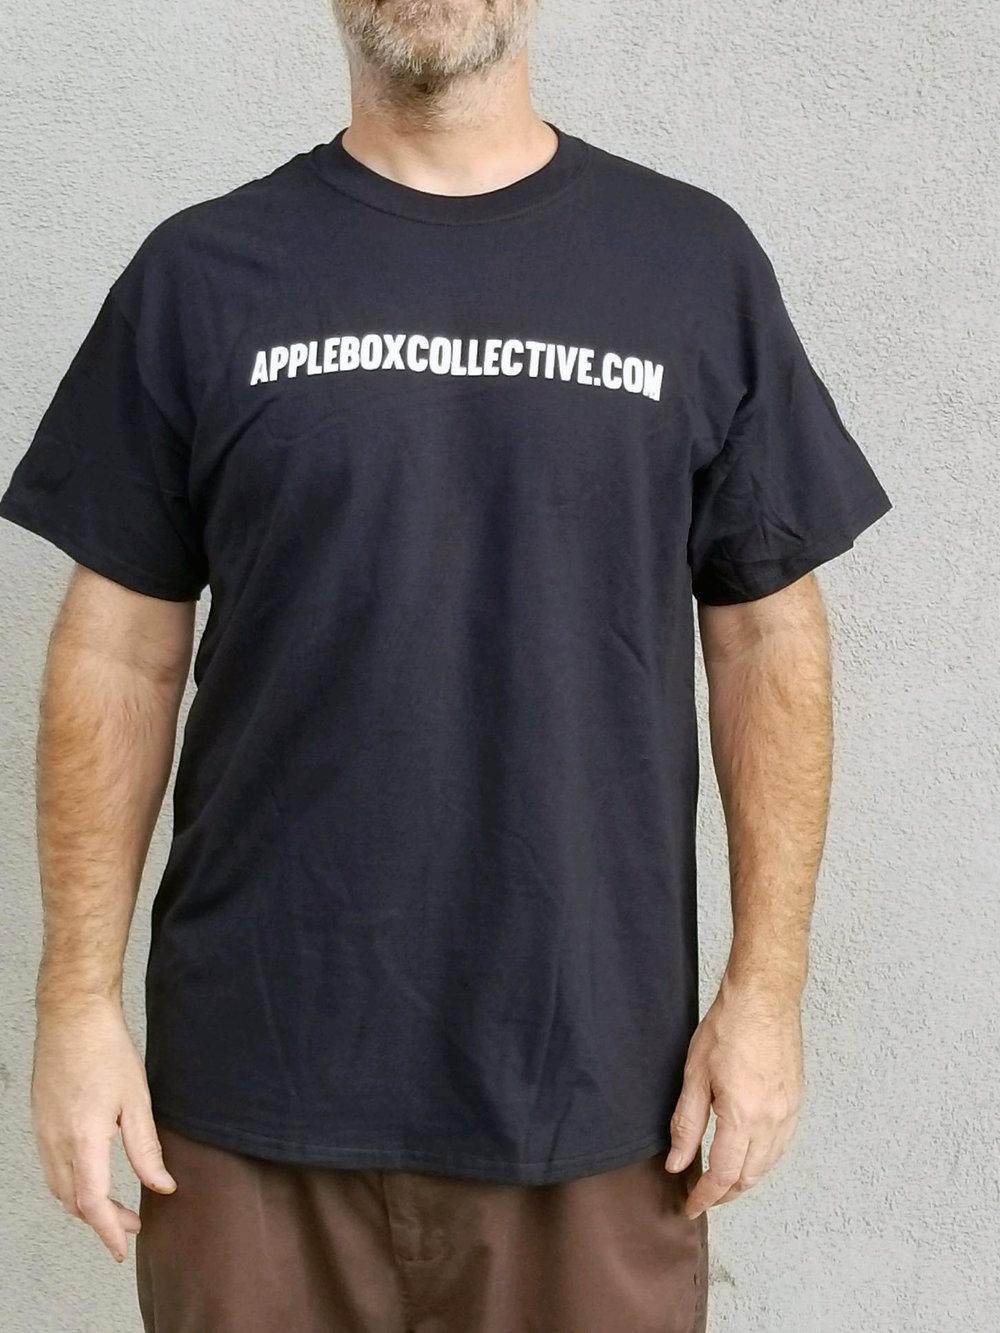 .COM LOGO    Suggested retail  - $20